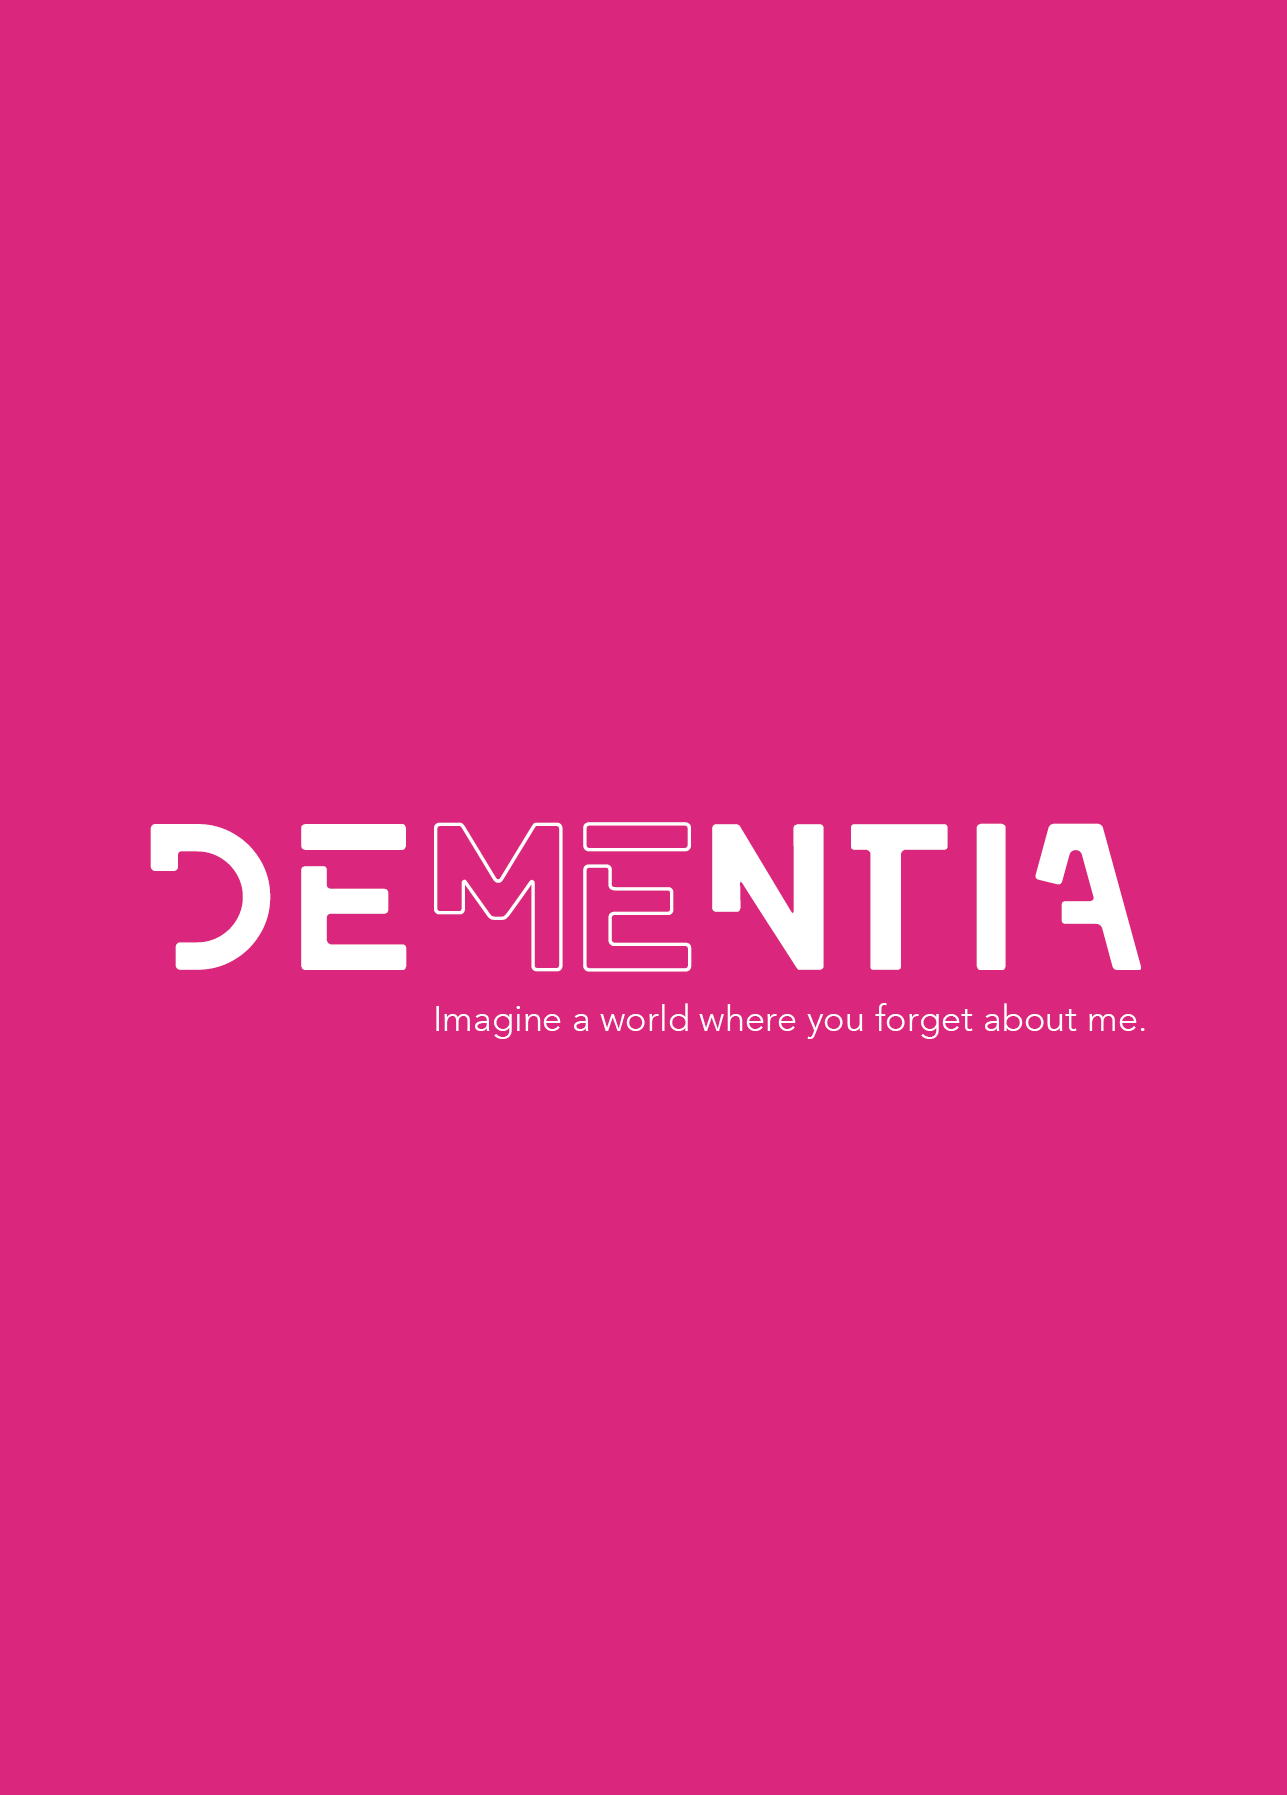 Dementia-01.png